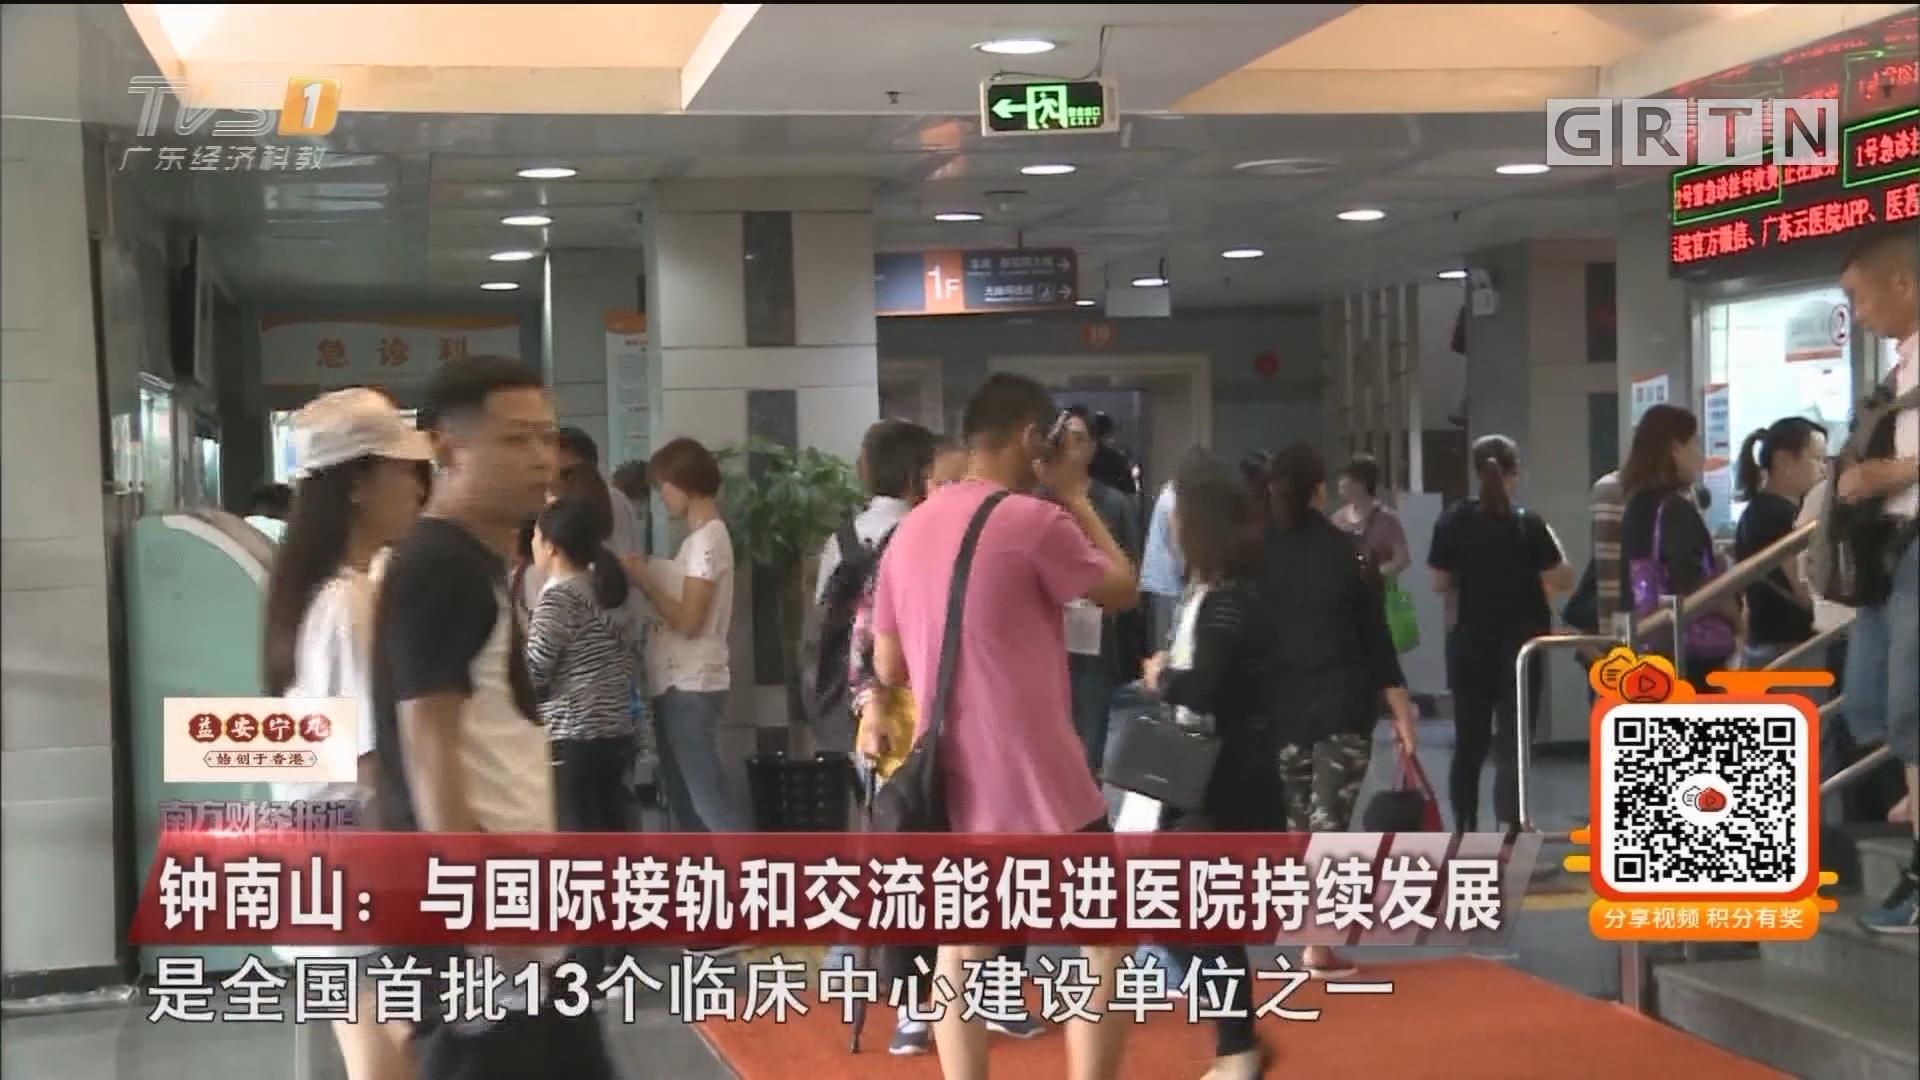 钟南山:与国际接轨和交流能促进医院持续发展